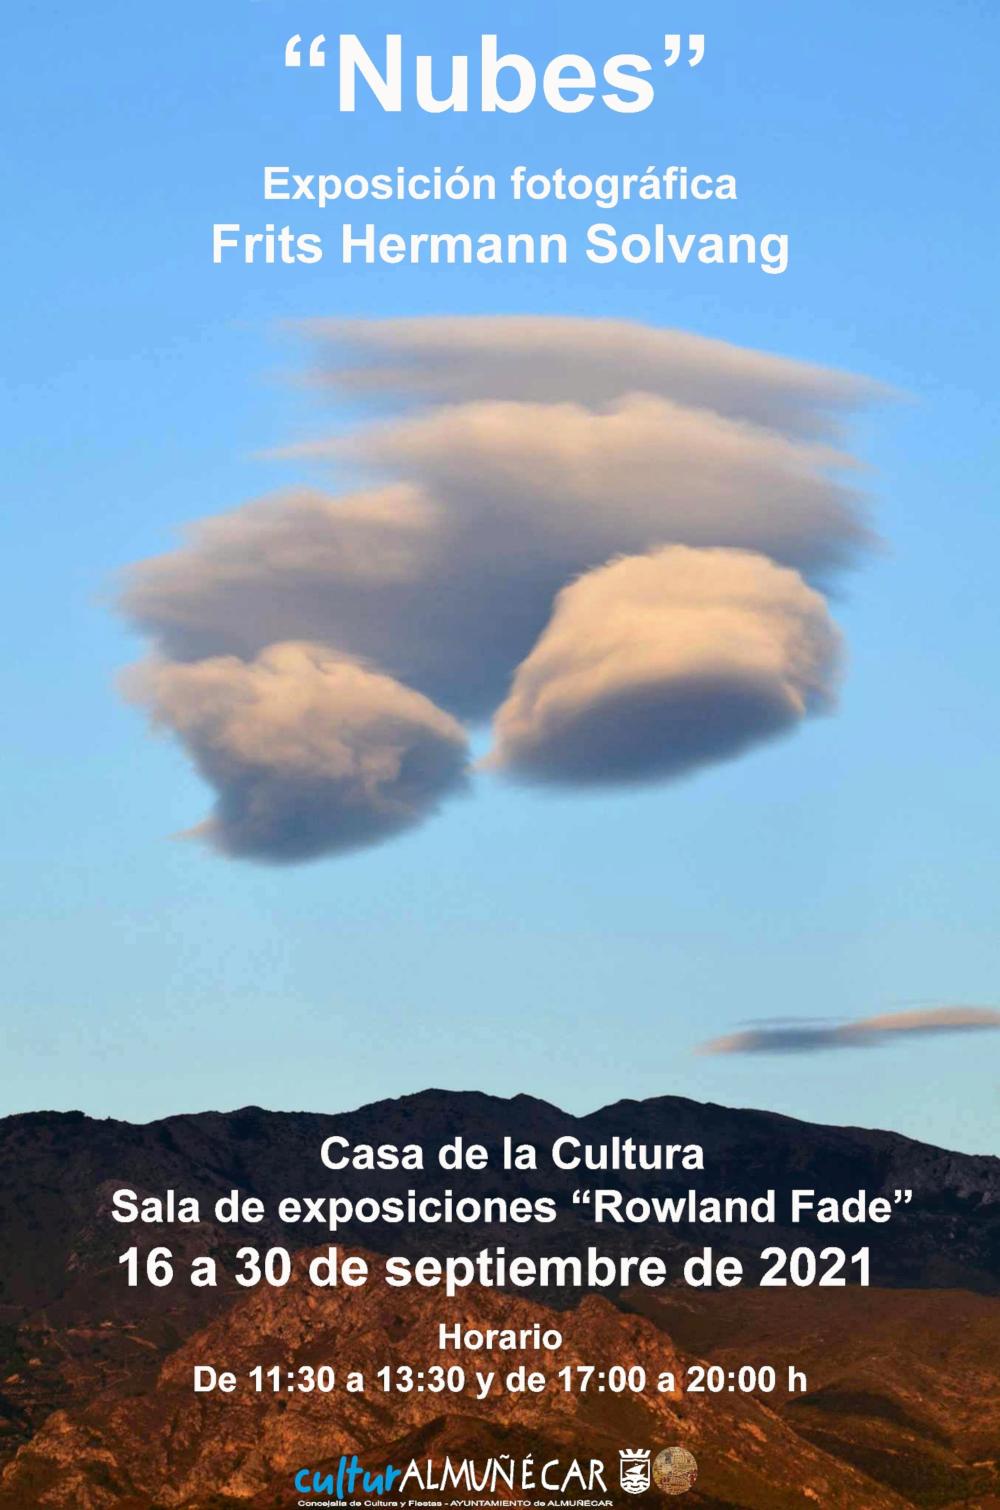 """Frits Hermann inaugura este jueves la exposición fotográfica """"Nubes"""" en la Casa de la Cultura de Almuñécar"""